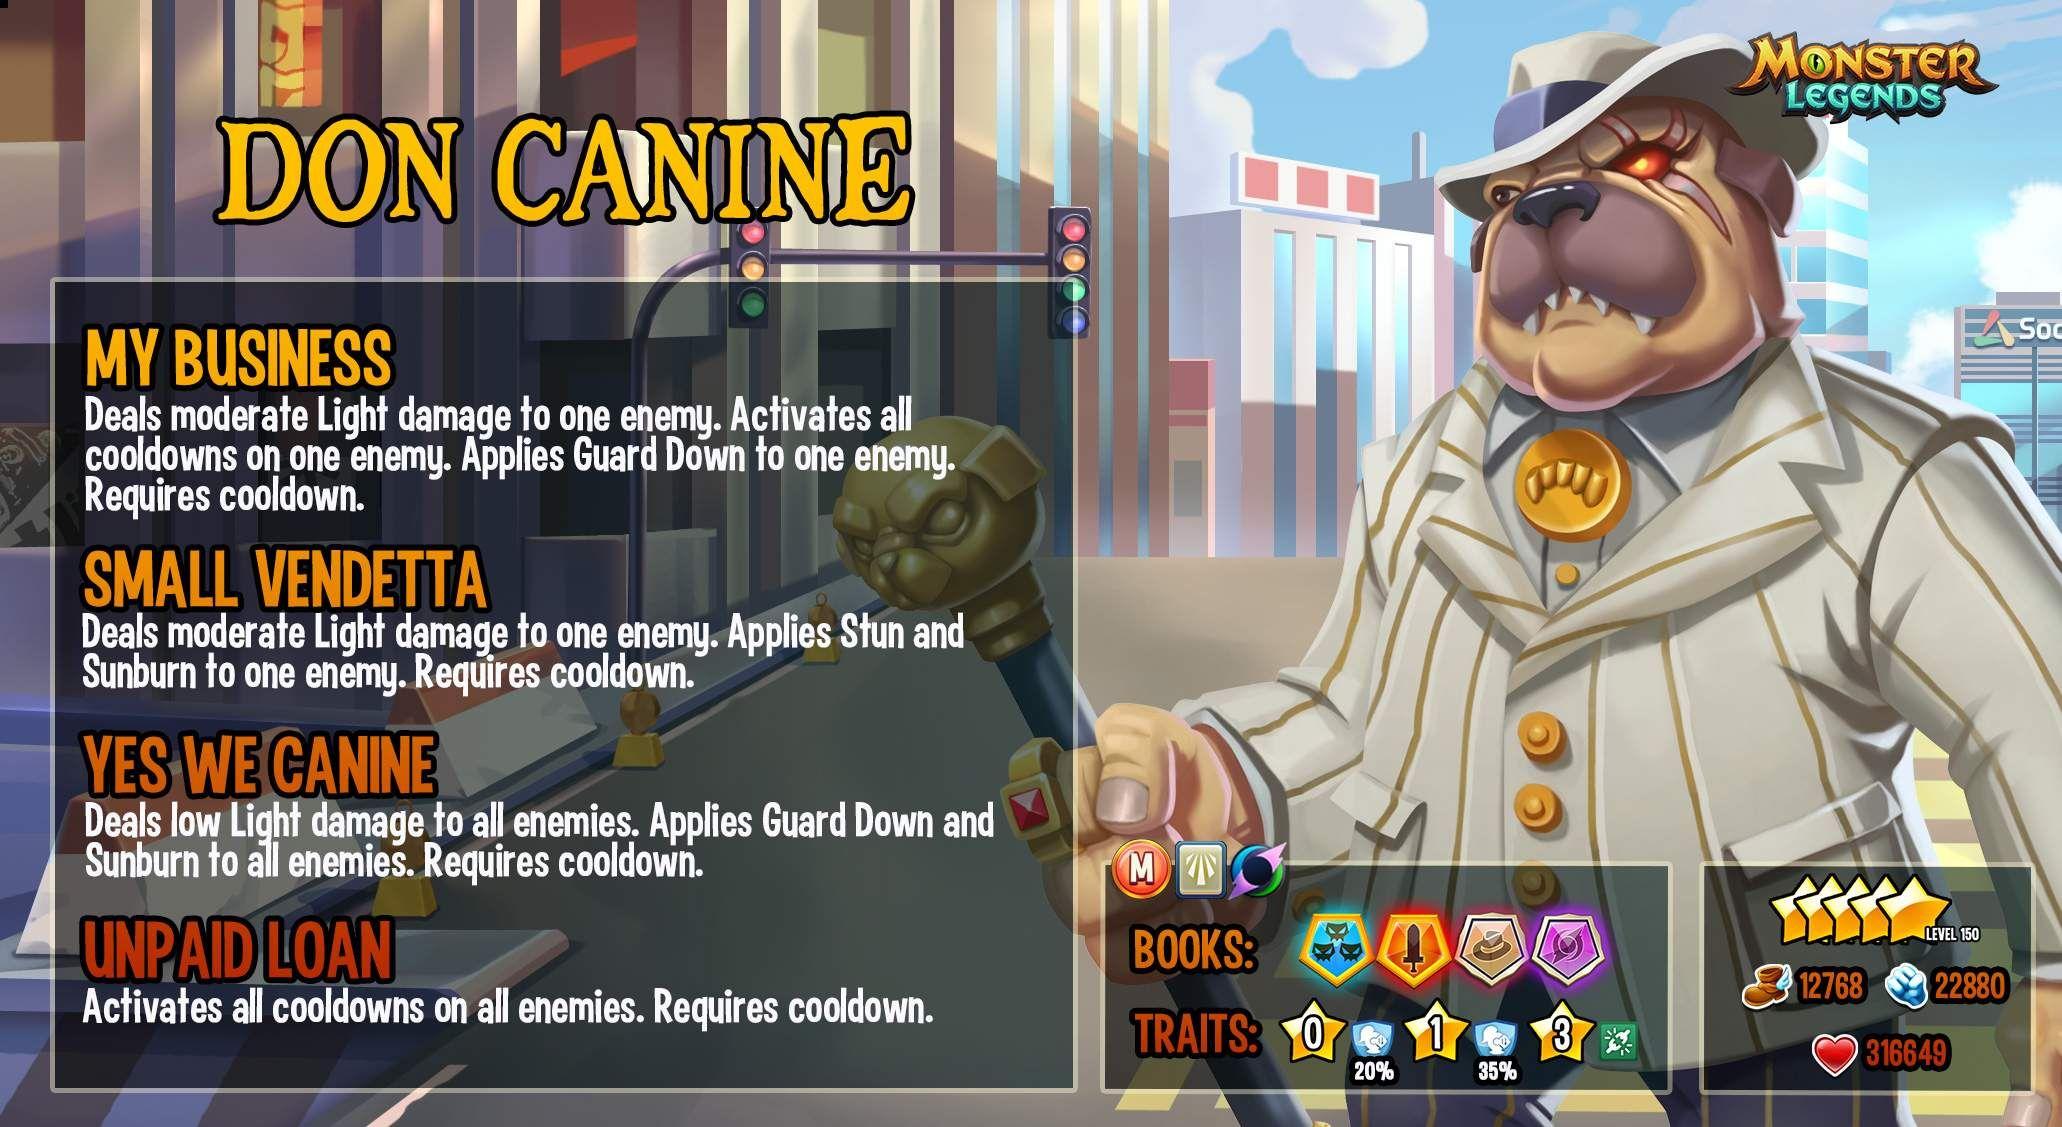 0_1626792418879_Don-Canine.jpg